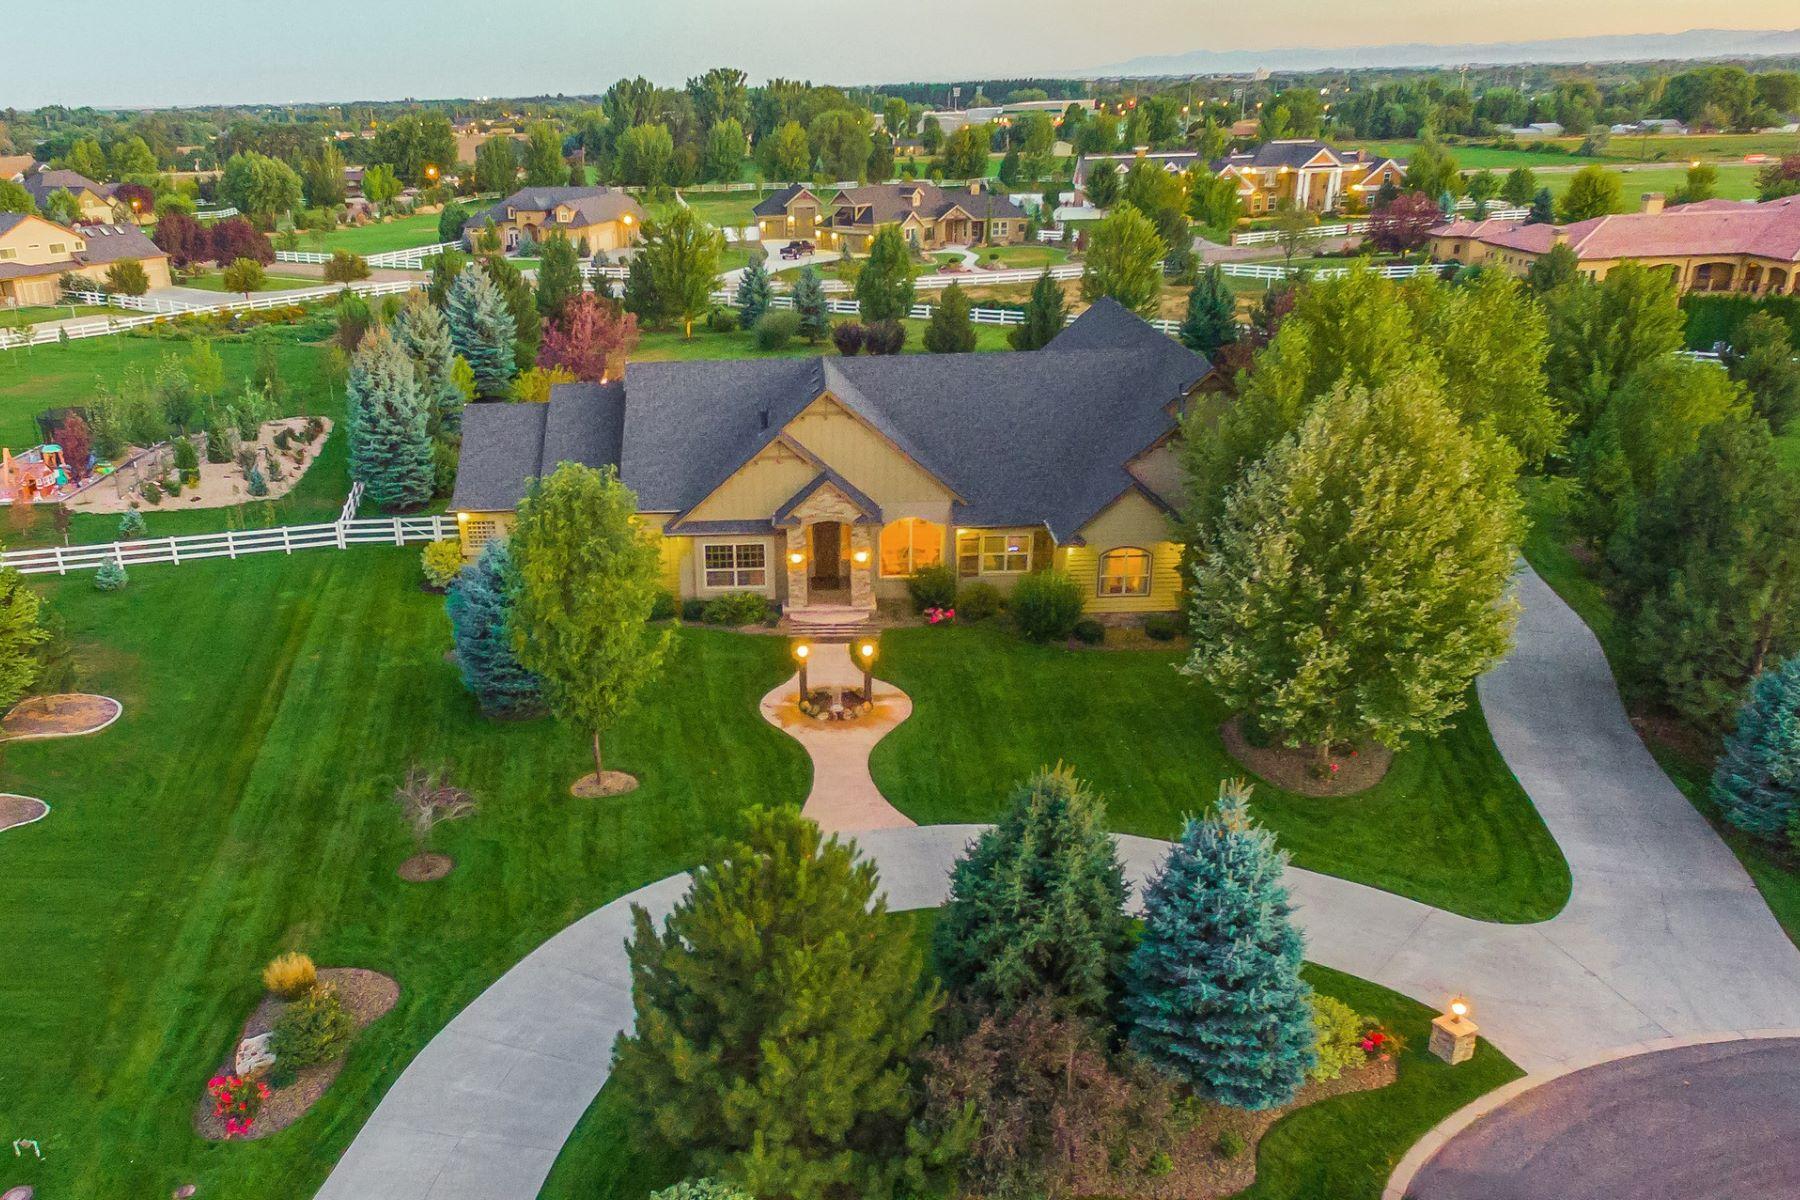 Casa Unifamiliar por un Venta en 3665 Fieno Court, Eagle 3665 W Fieno Ct Eagle, Idaho 83616